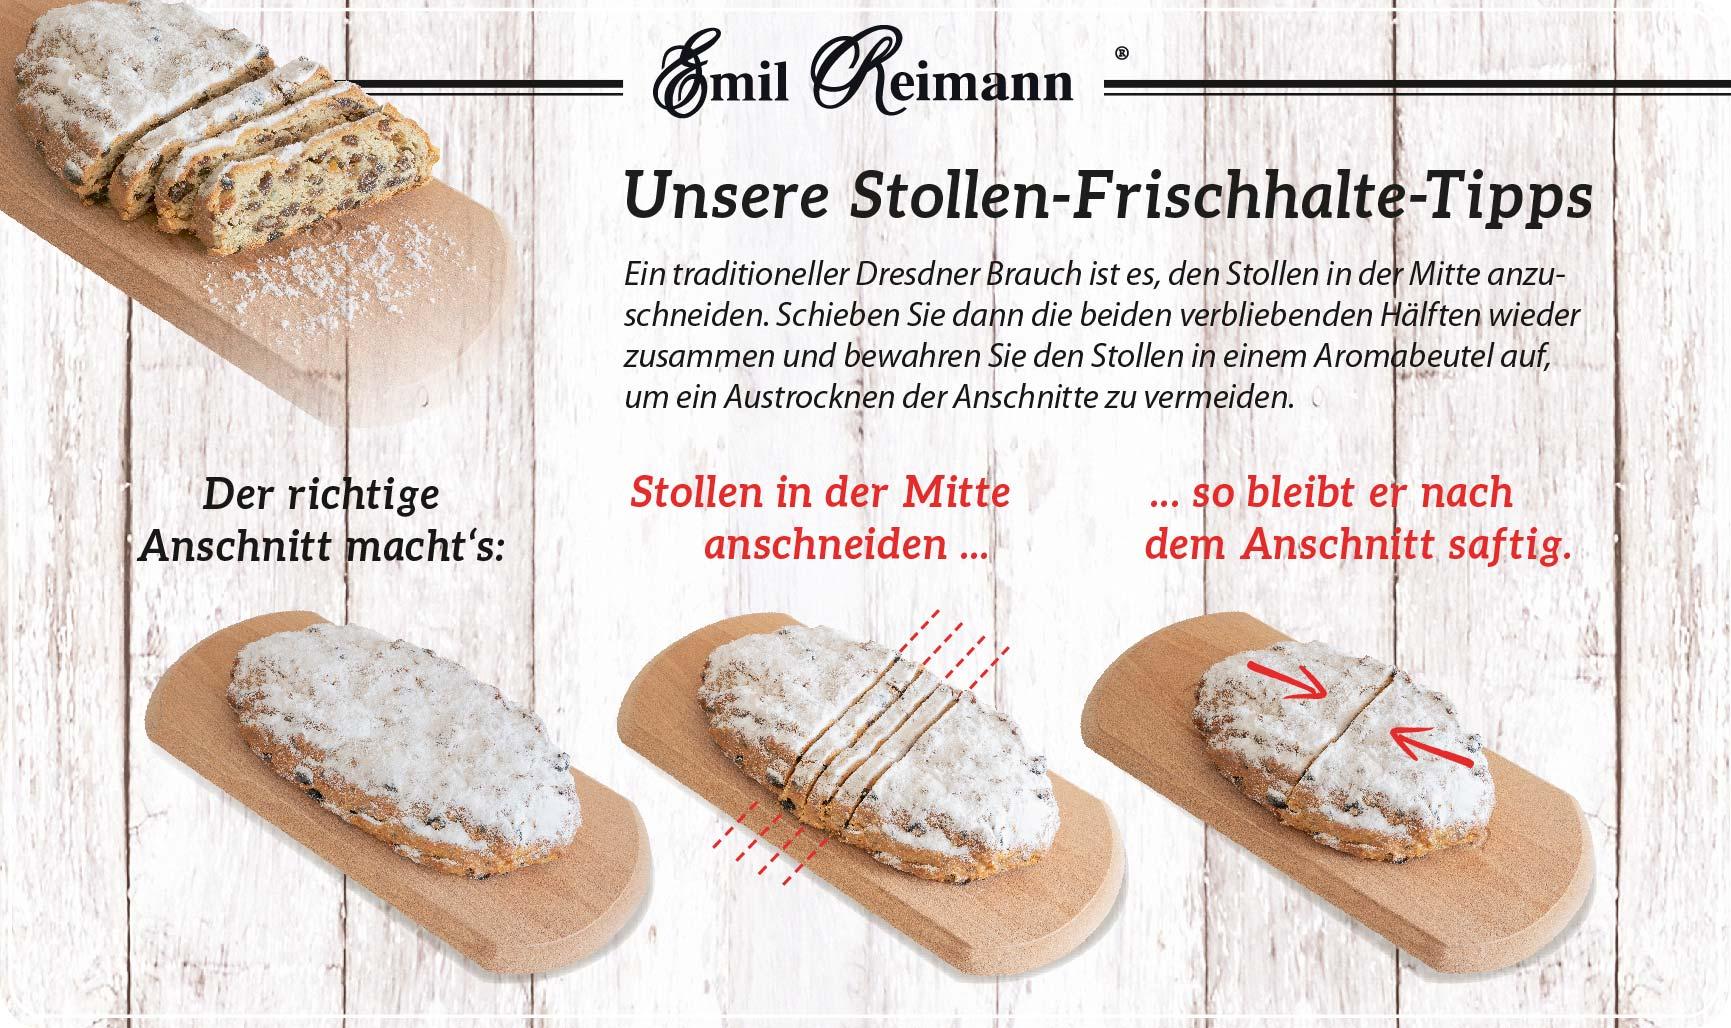 emil-reimann-stollen-frischhalte-tipps